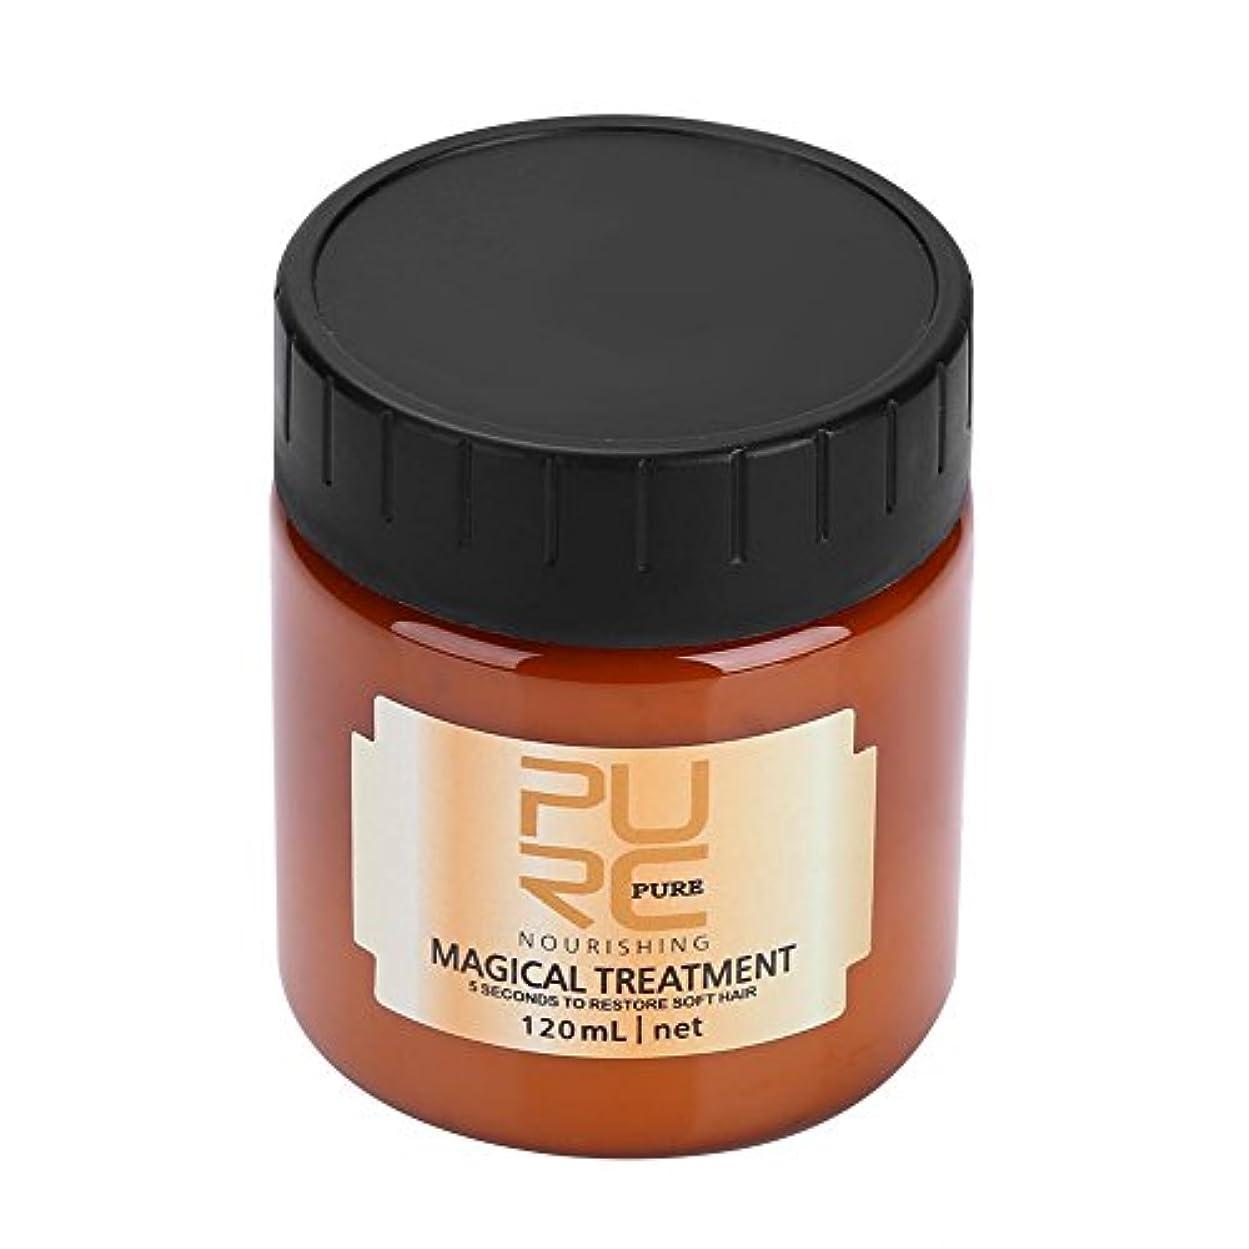 適切に彼らの主流ヘアリペアマスク、120ml魔法のヘアマスク栄養治療ソフトスムーズリペアダメージプロフェッショナル